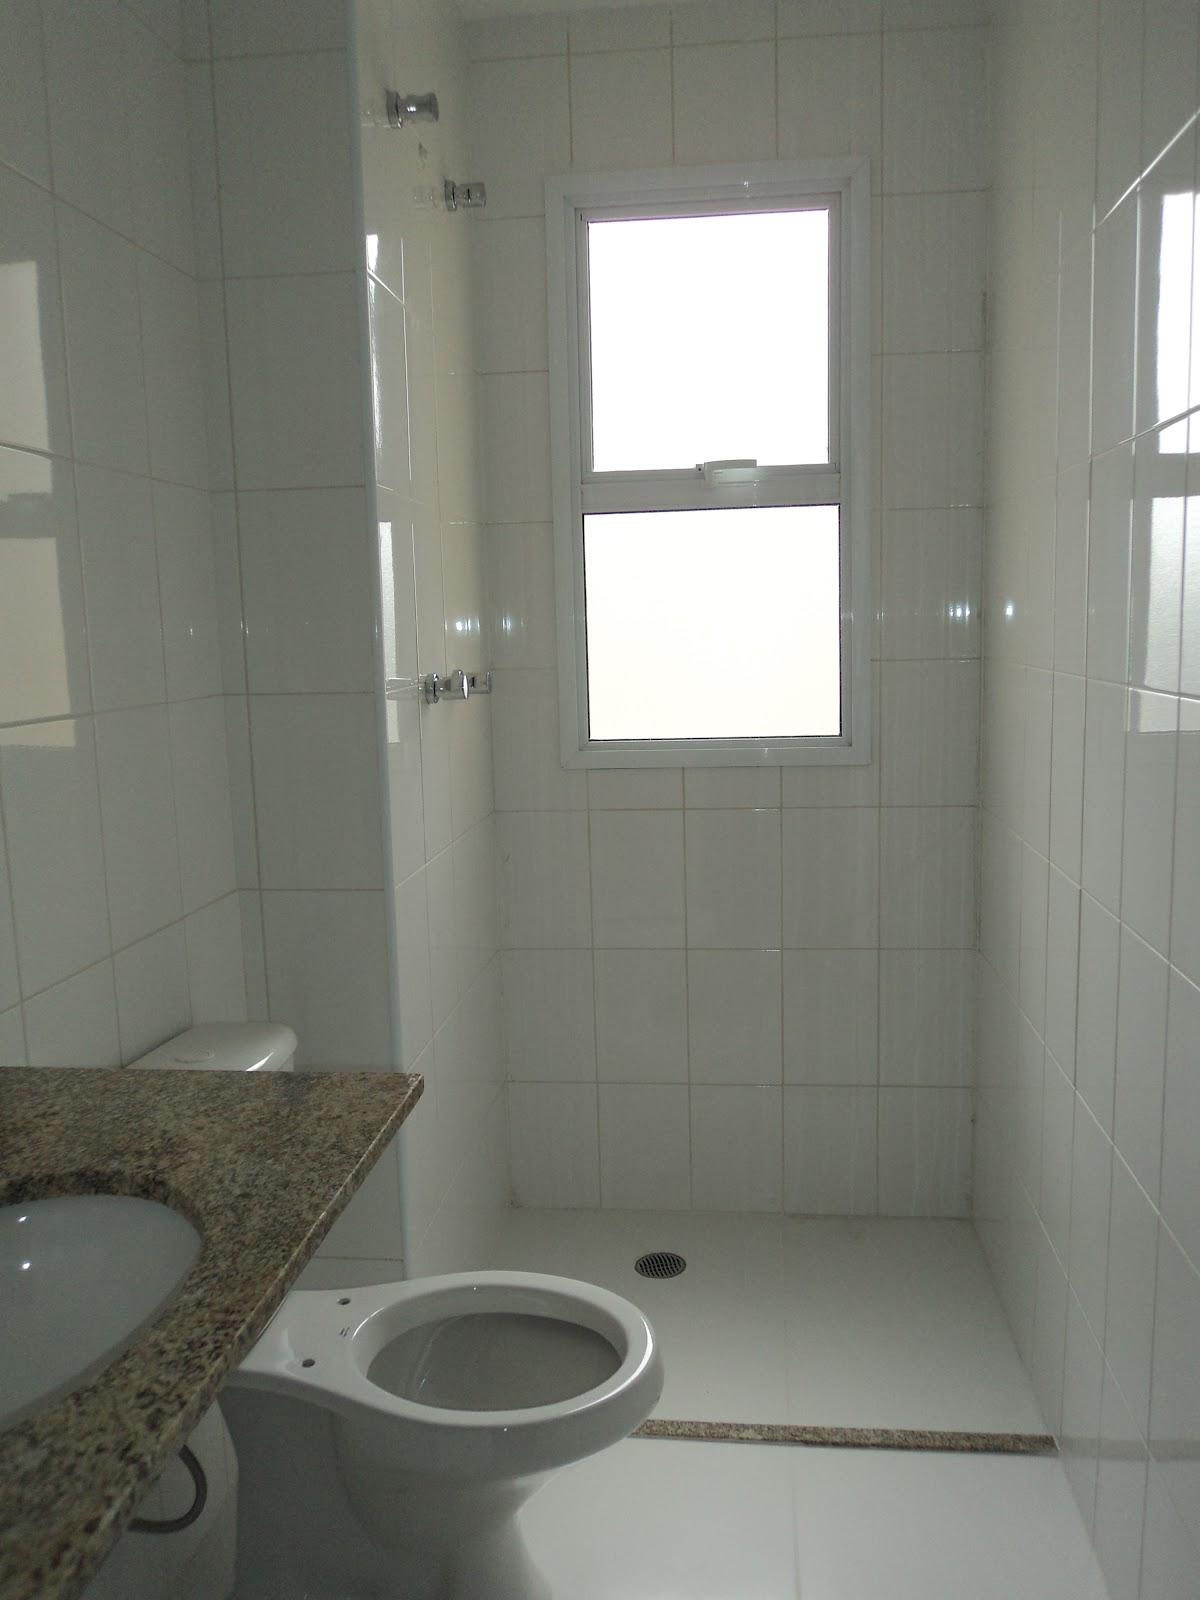 Imagens de #575243 banheiro da suíte era revestido em azulejos brancos com bancada em  1200x1600 px 2744 Box Banheiro Oval